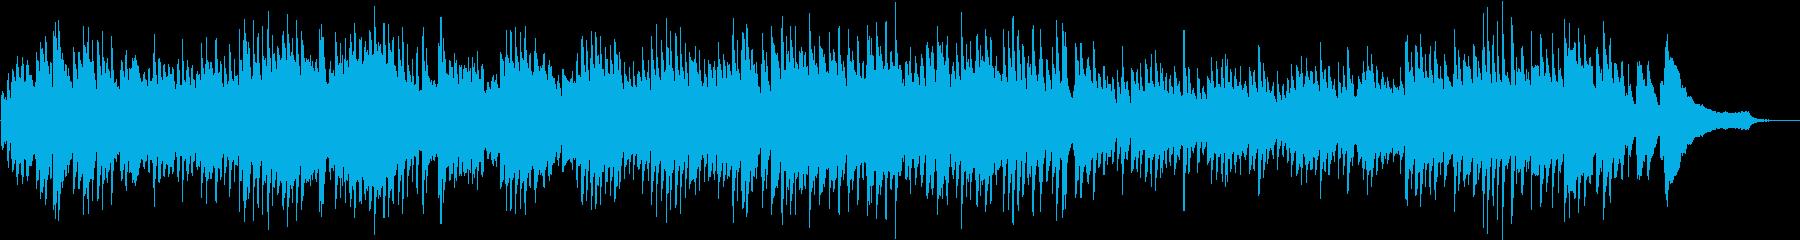 バッハインベンションの最初の曲の再生済みの波形